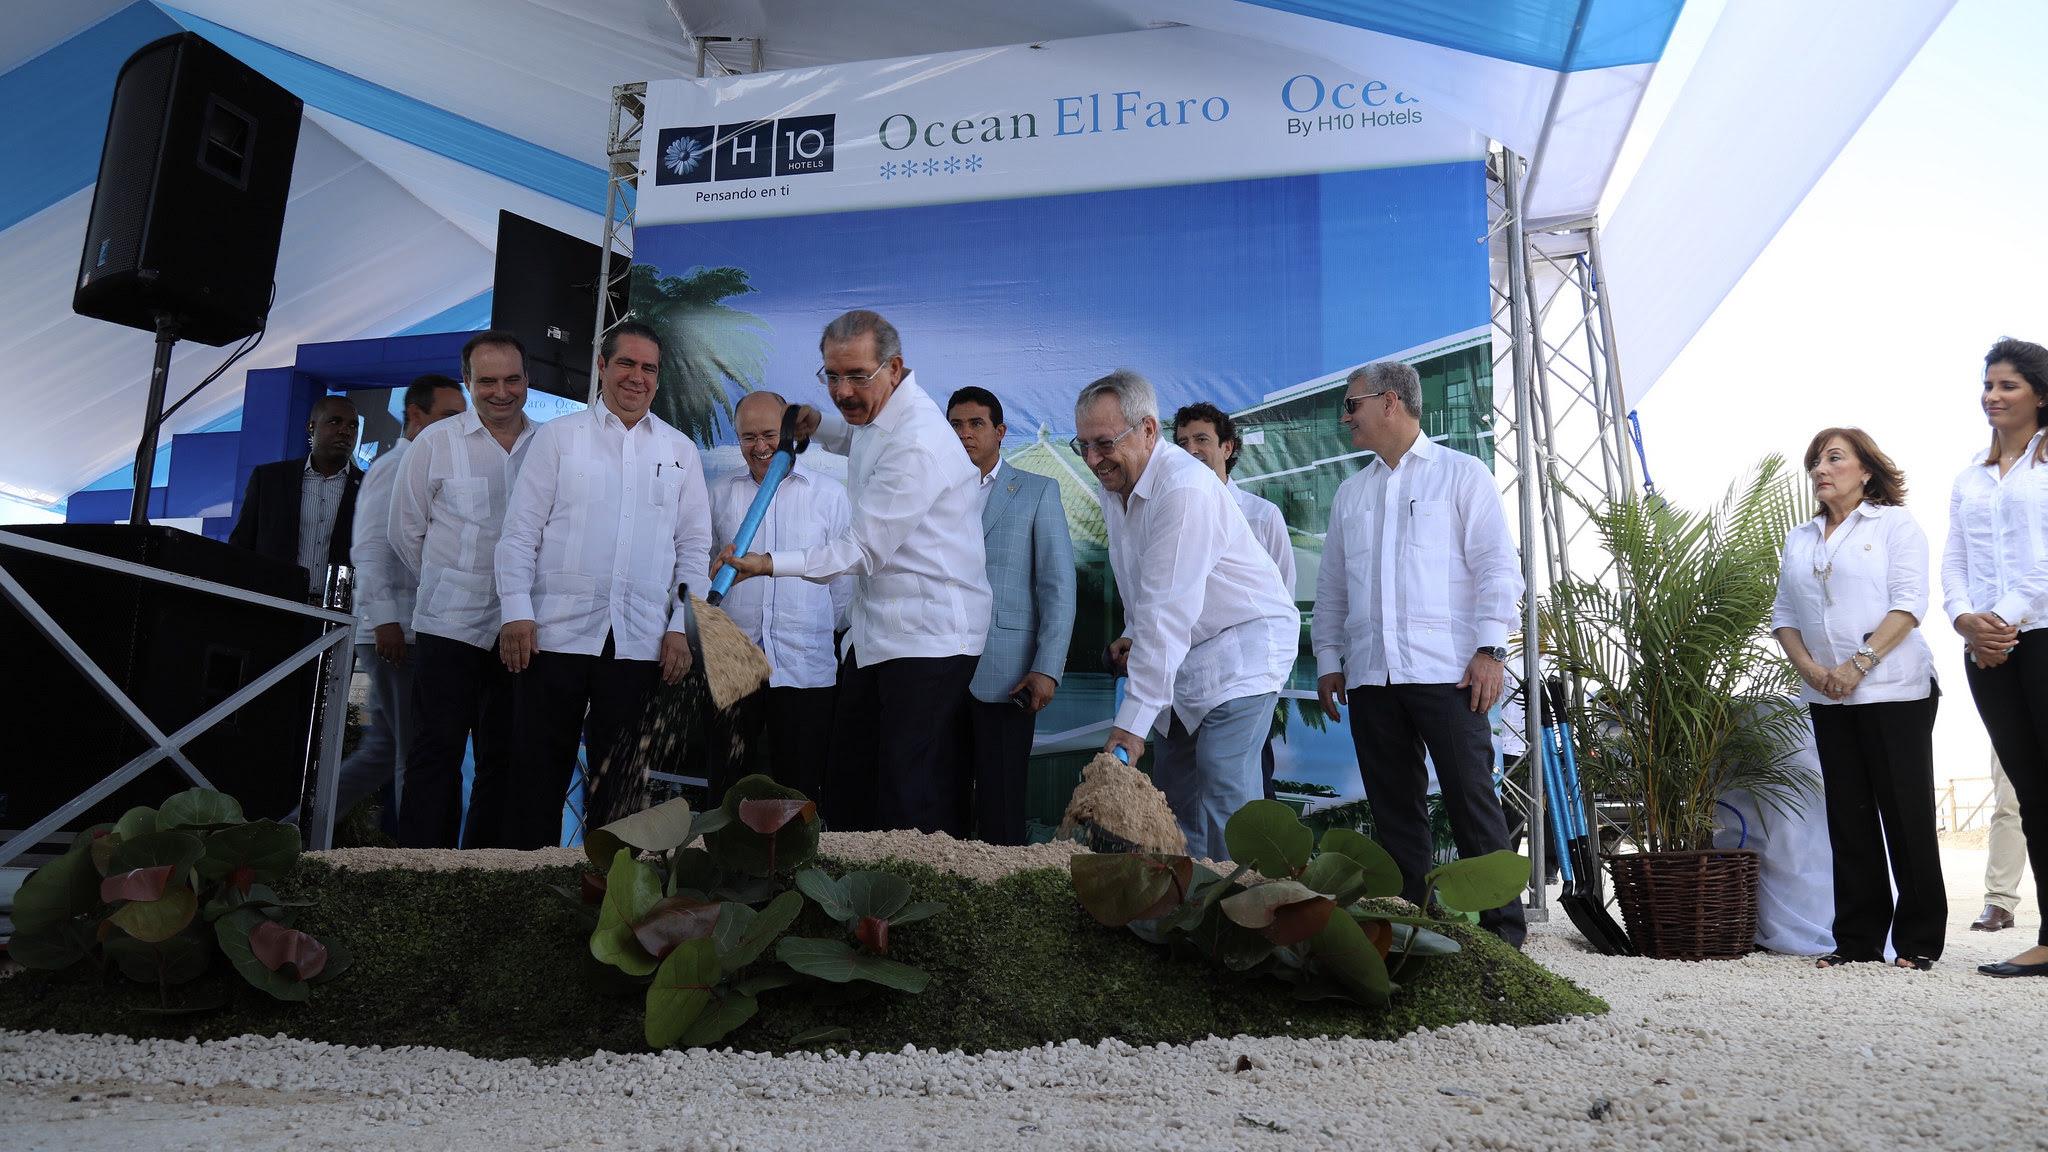 , Más empleos y desarrollo del turismo en el Este: Danilo asiste a primer palazo Hotel Ocean El Faro